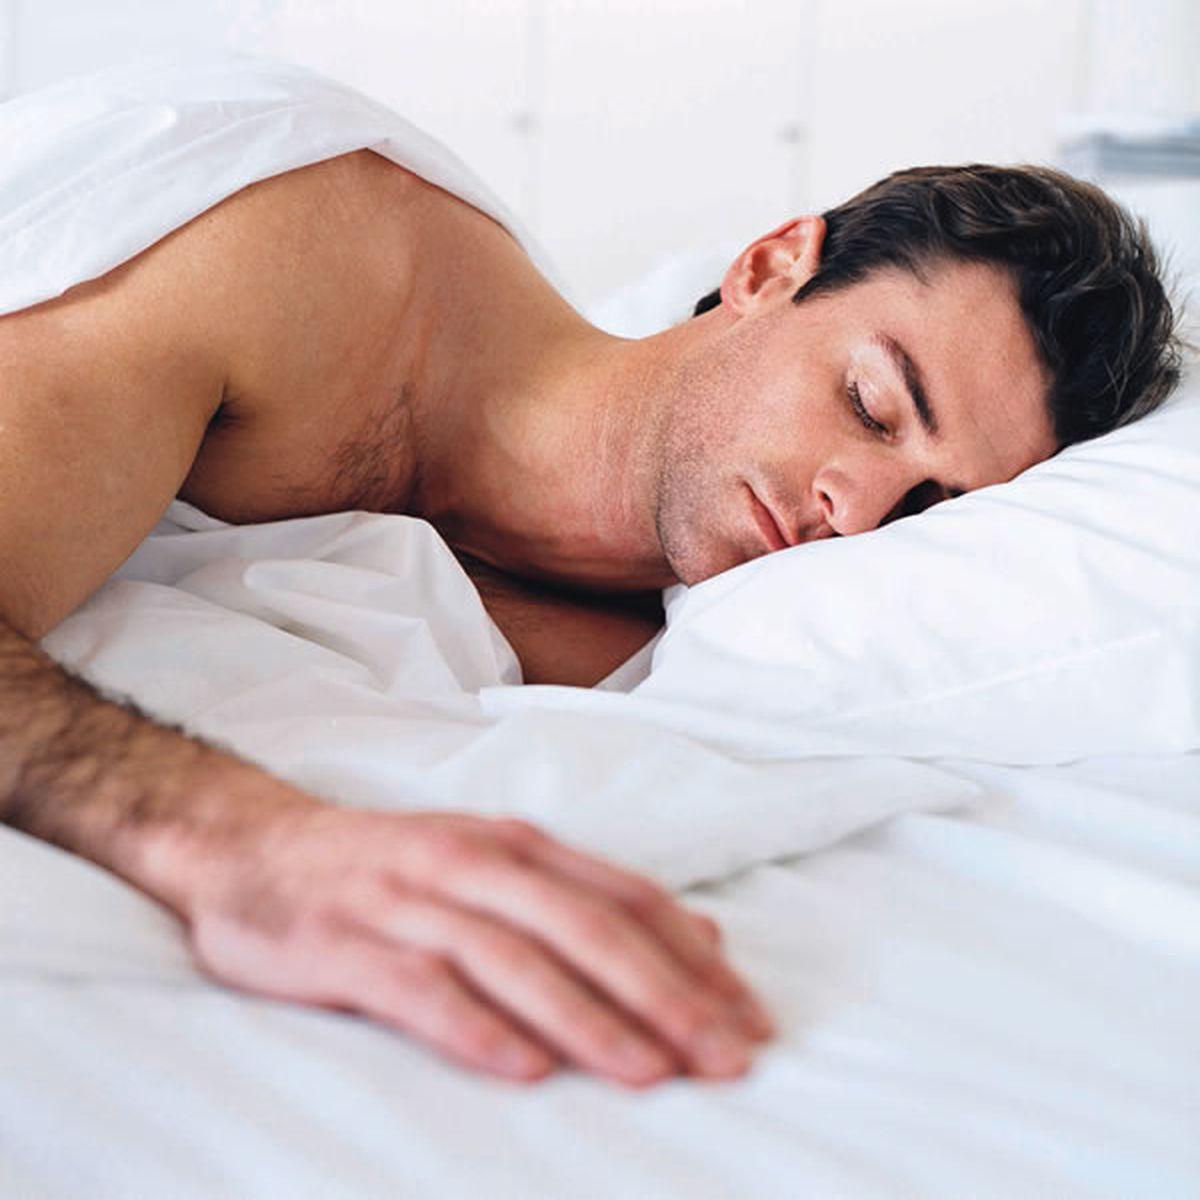 penisul mascul a trezit erecție medie de lungime masculină